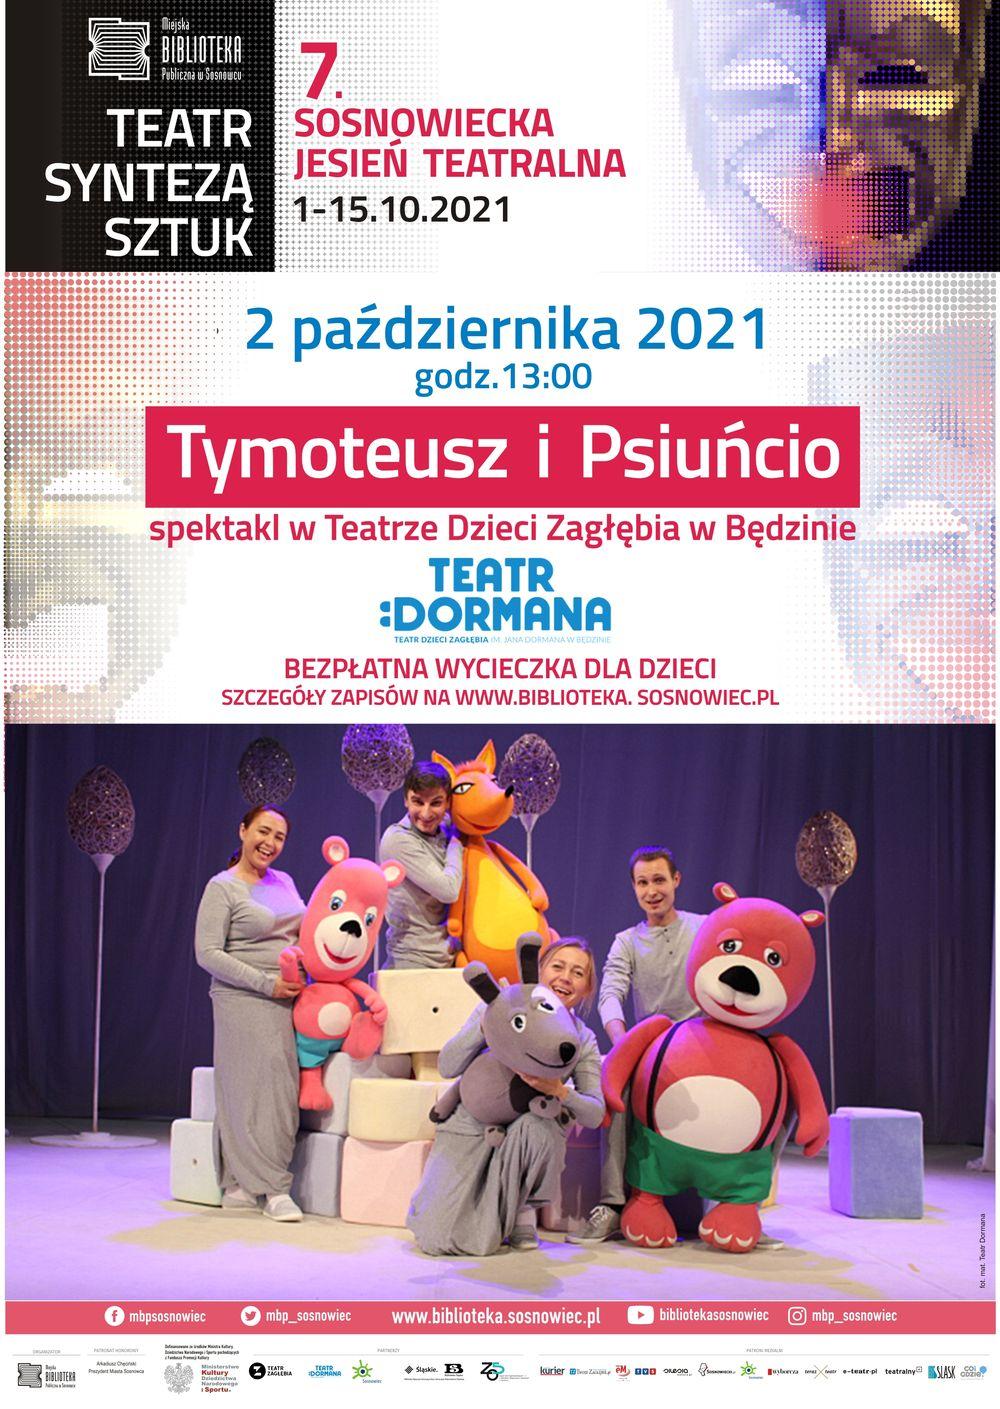 Tymoteusz i Psiuńcio – bezpłatna wycieczka na spektakl dla dzieci. Sosnowiec